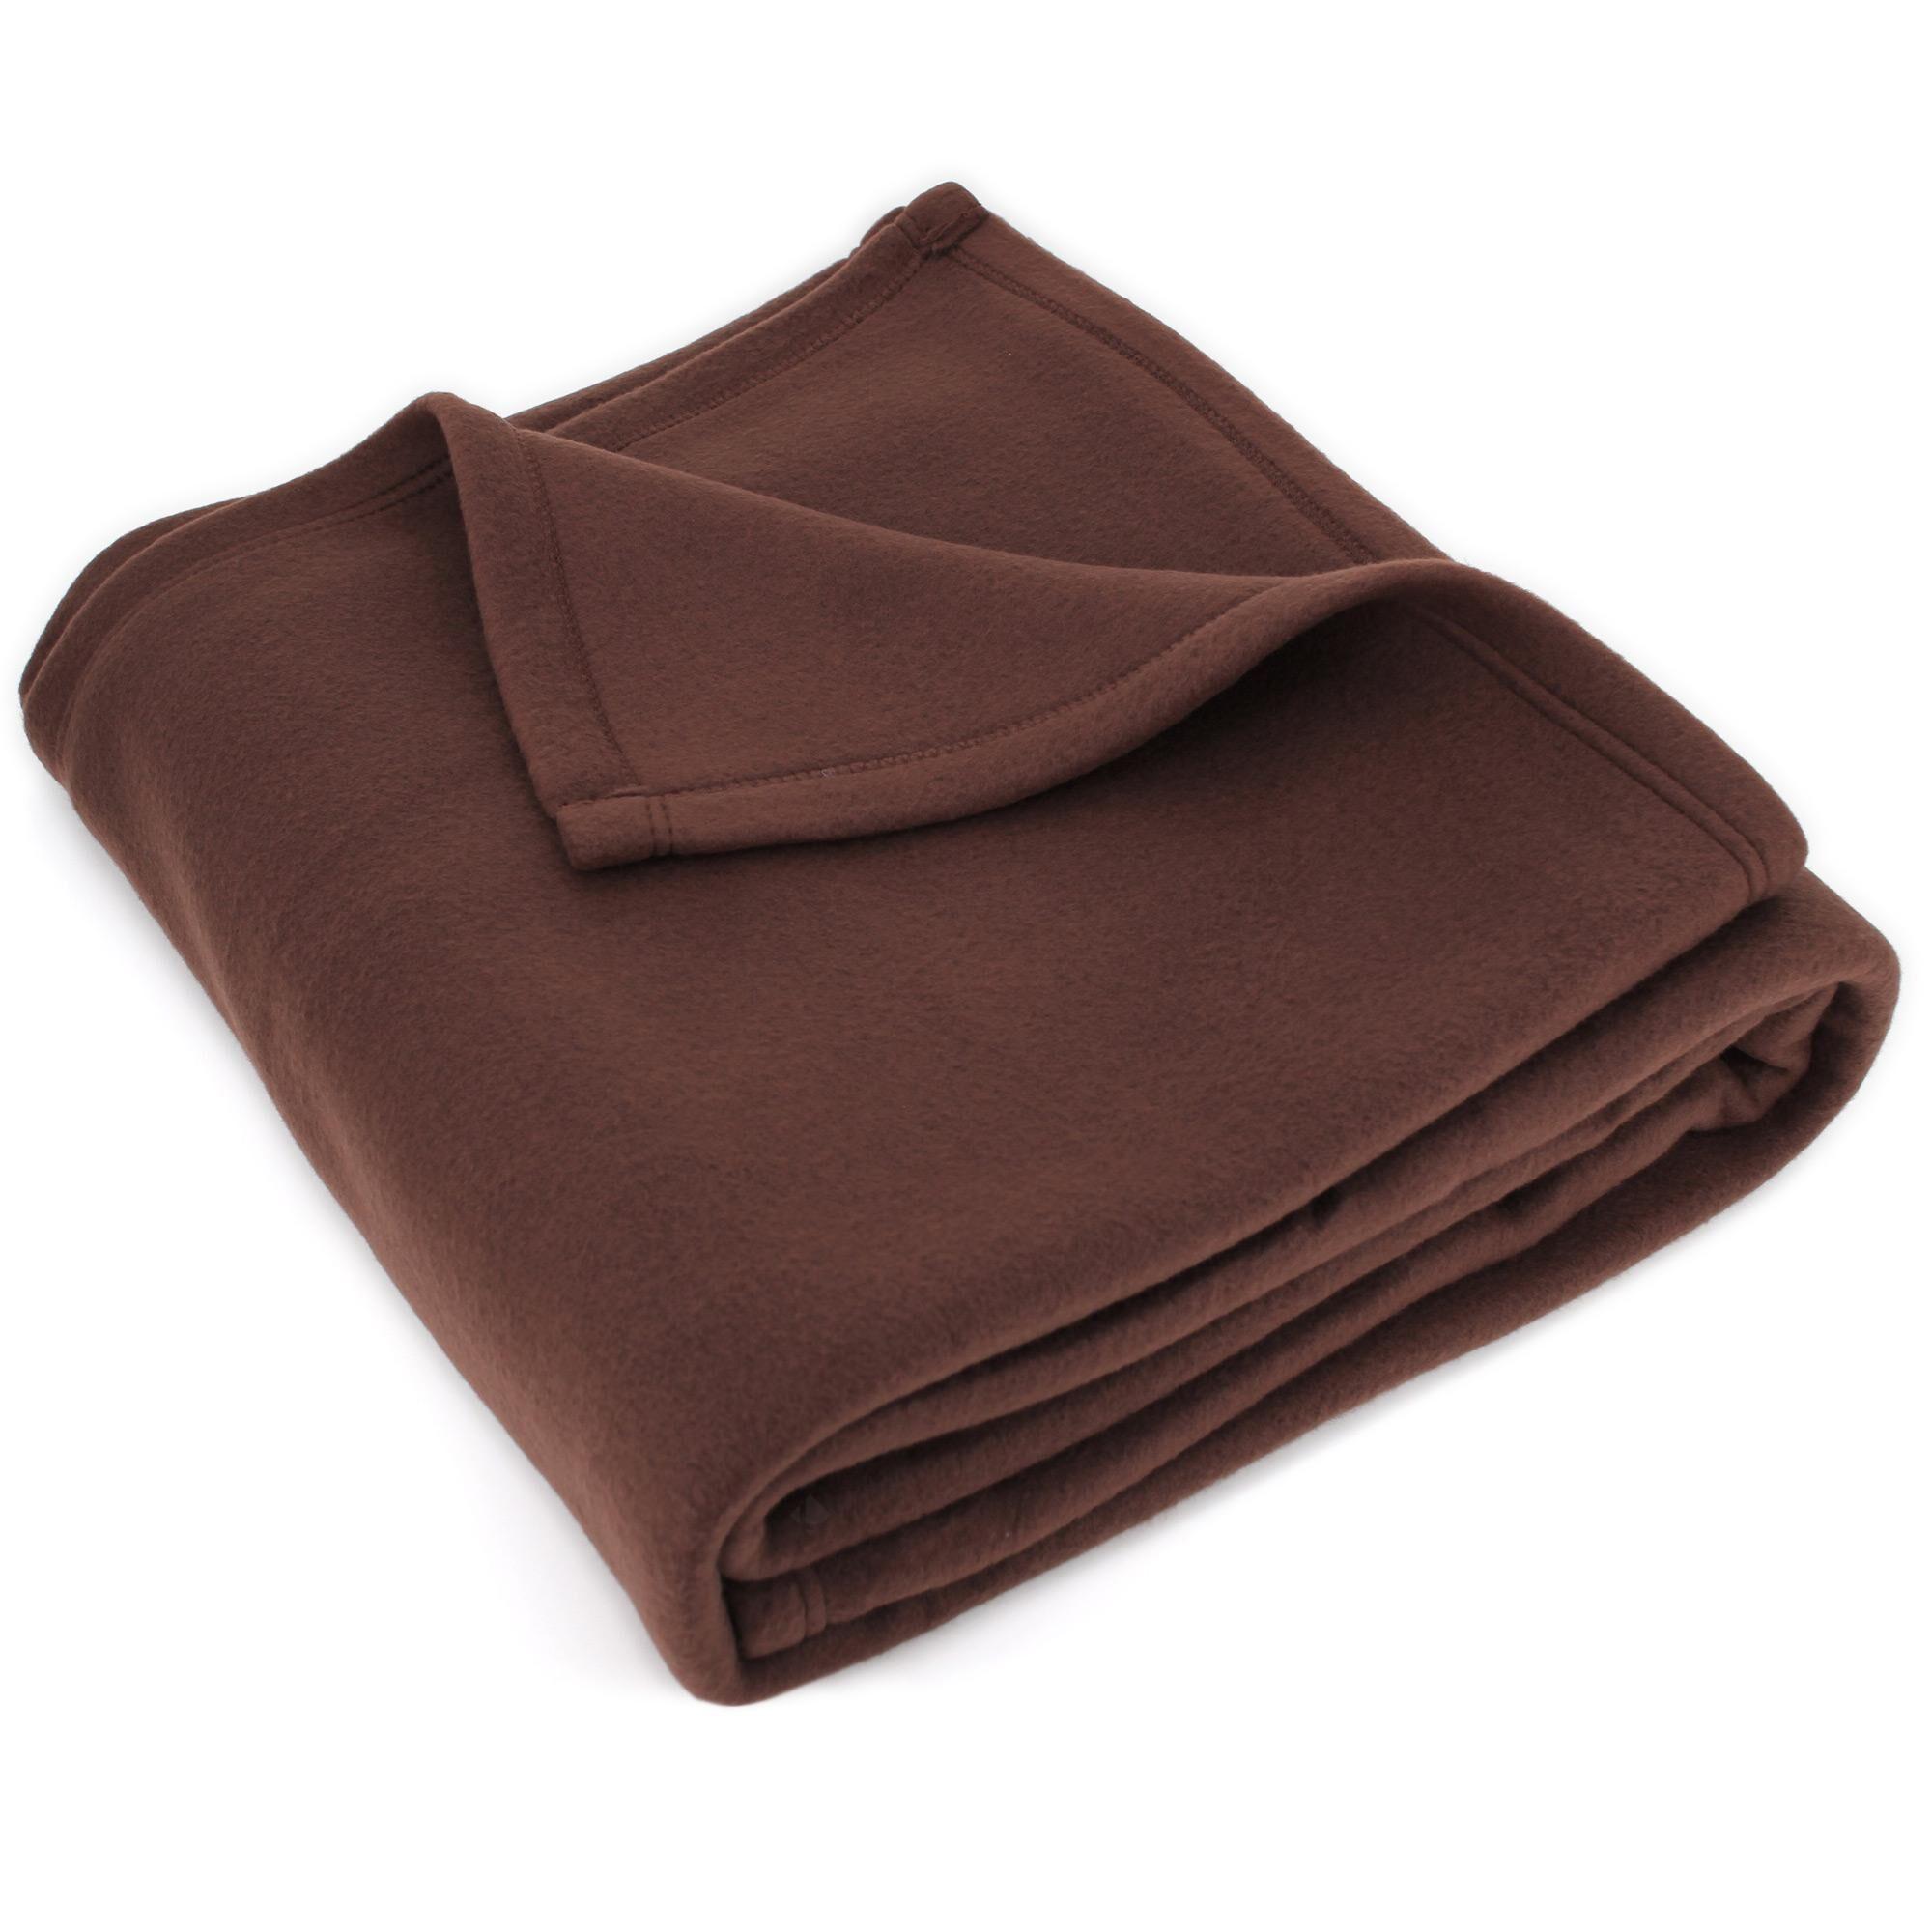 Linnea Couverture polaire 240x260 cm Isba marron Chocolat 100% Polyester 320 g/m2 traité non-feu